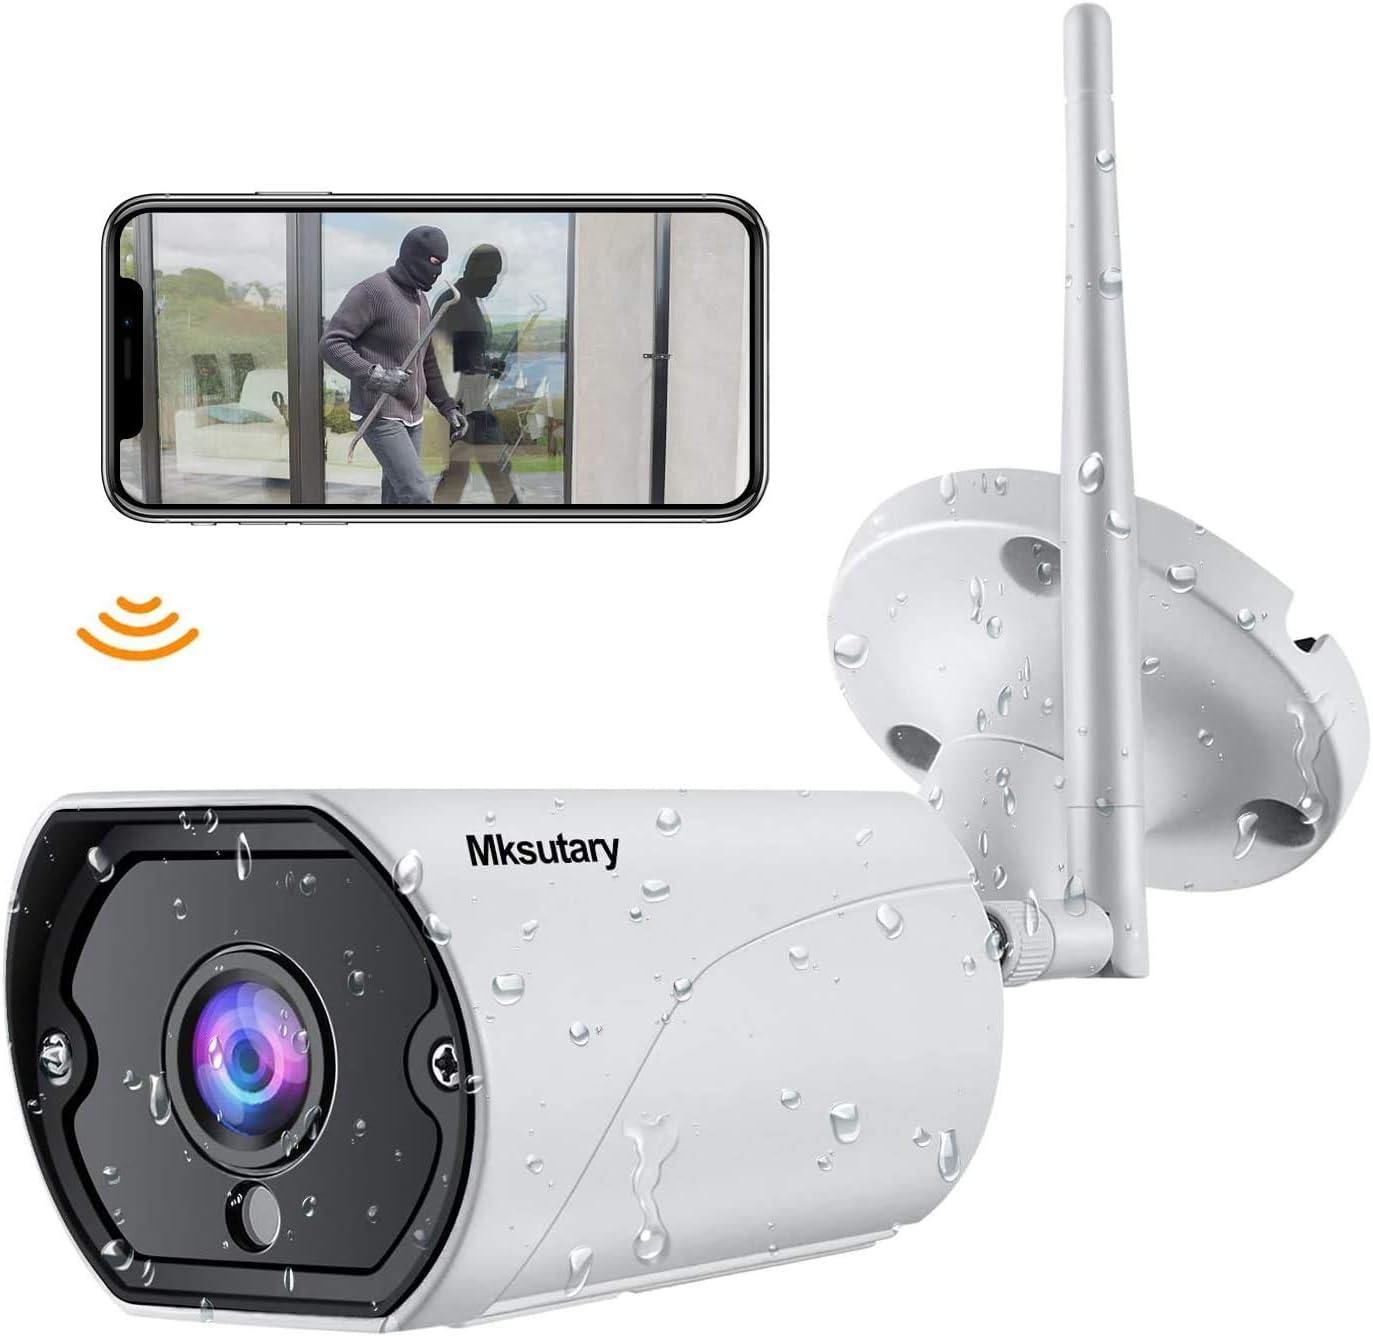 Cámara IP Exterior, Camara IP WiFi 1080p, Cámara Vigilancia Exterior WiFi Visión Nocturna Audio de 2 Vías Detección de Movimiento Monitorización ...